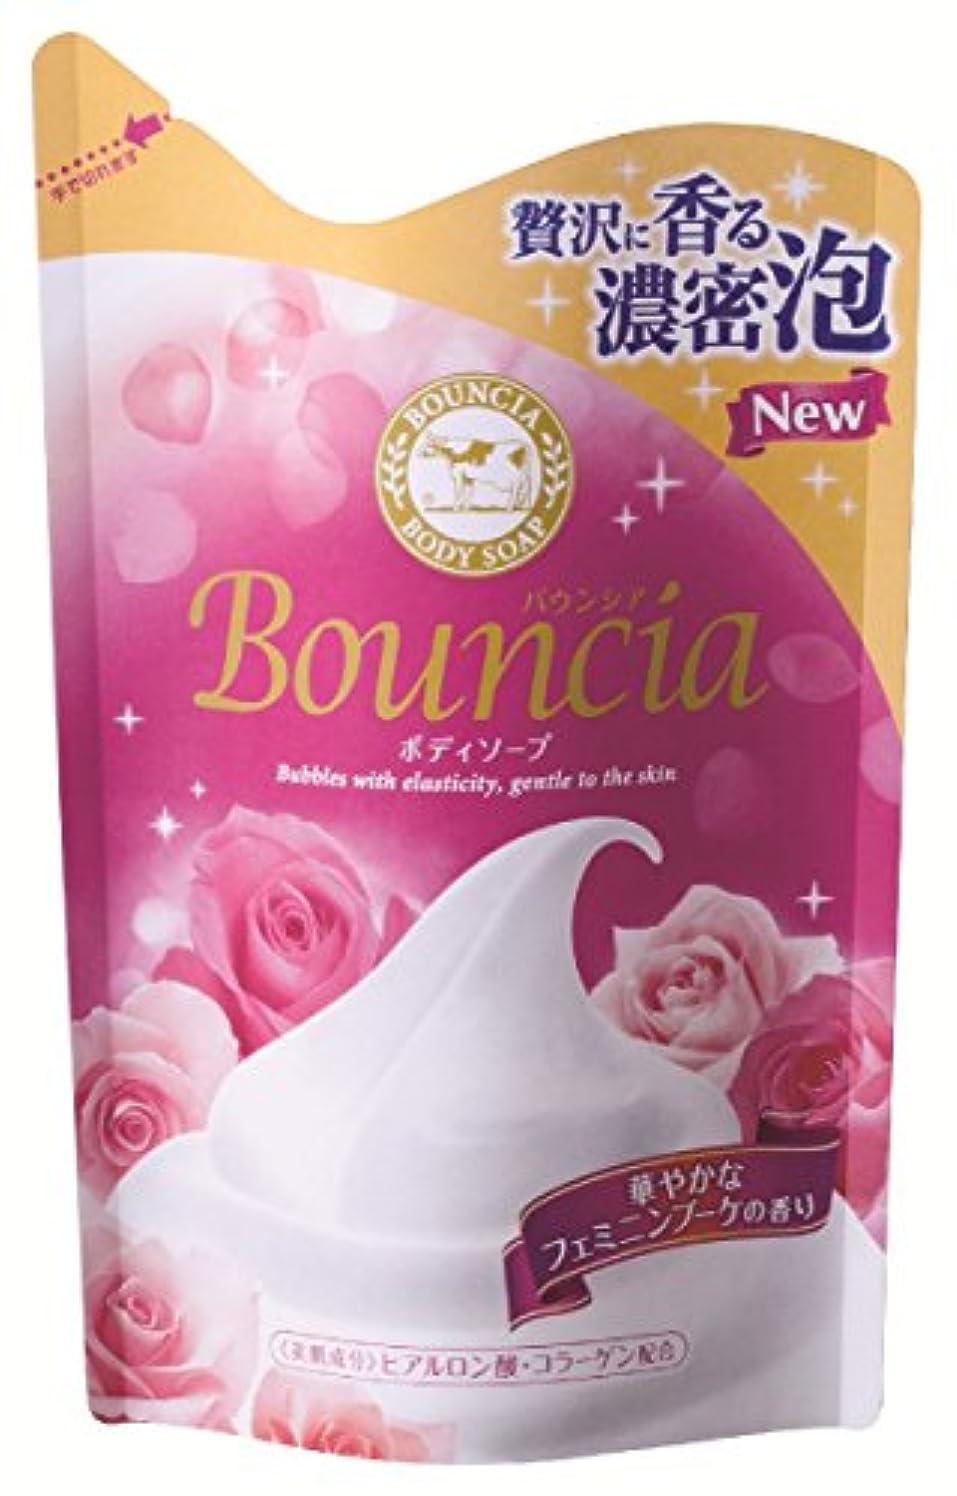 絶壁ギャンブル実用的バウンシアボディソープ フェミニンブーケの香り 詰替用 430mL